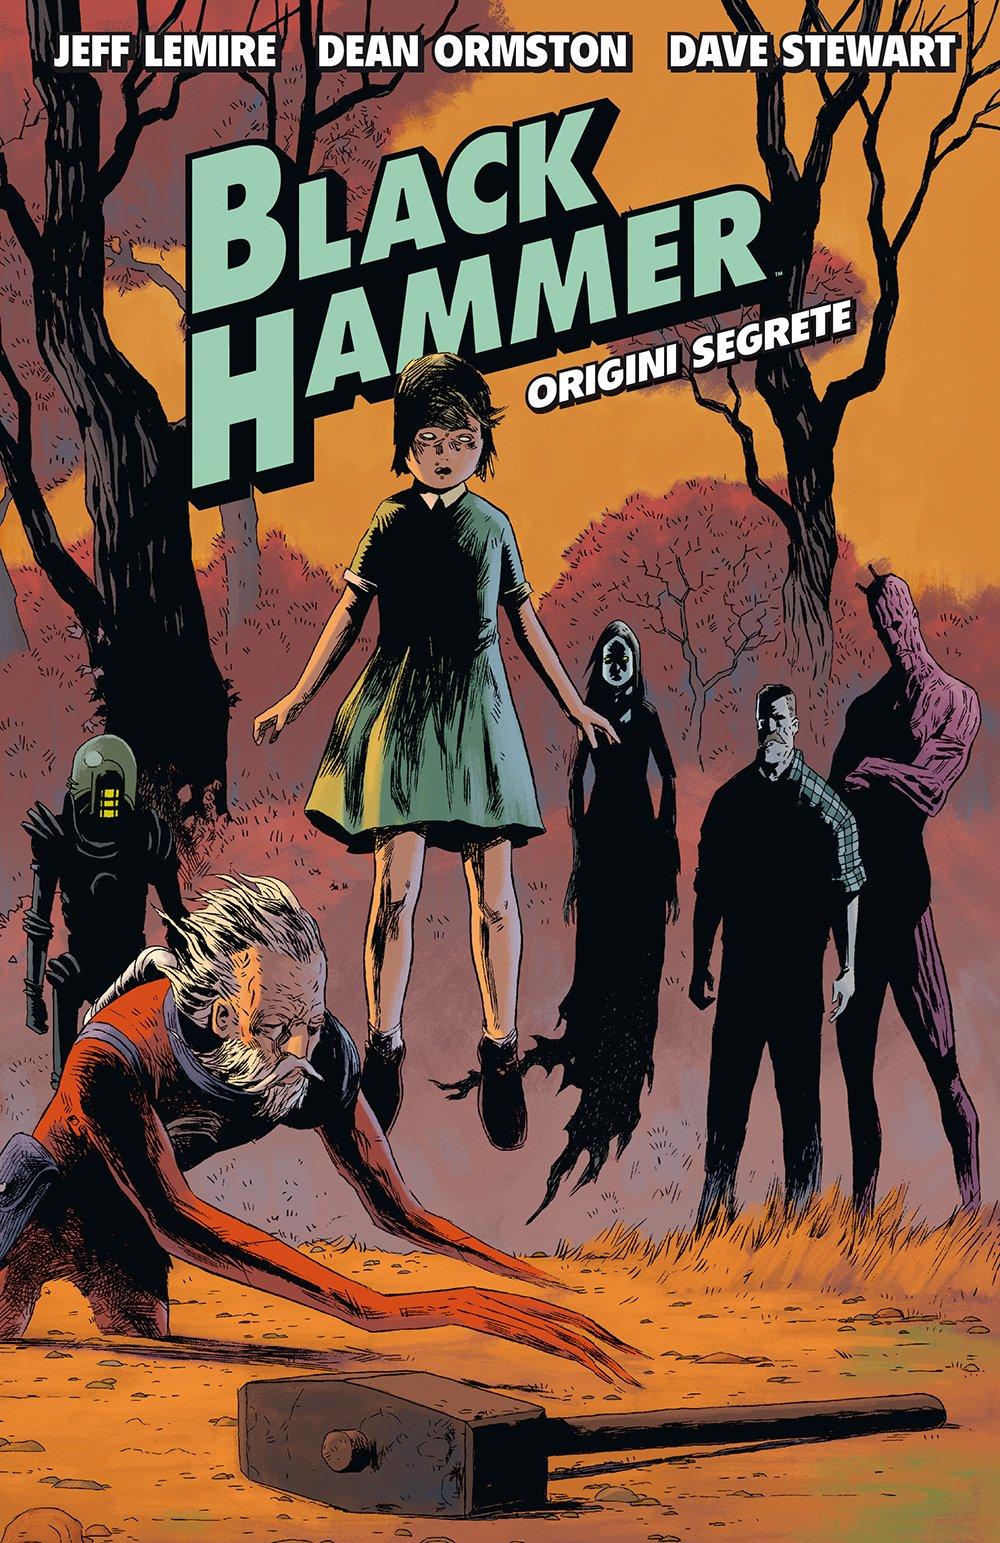 Black Hammer: 1 Copertina rigida – 29 mar 2017 Jeff Lemire D. Ormston D. Stewart L. Favia